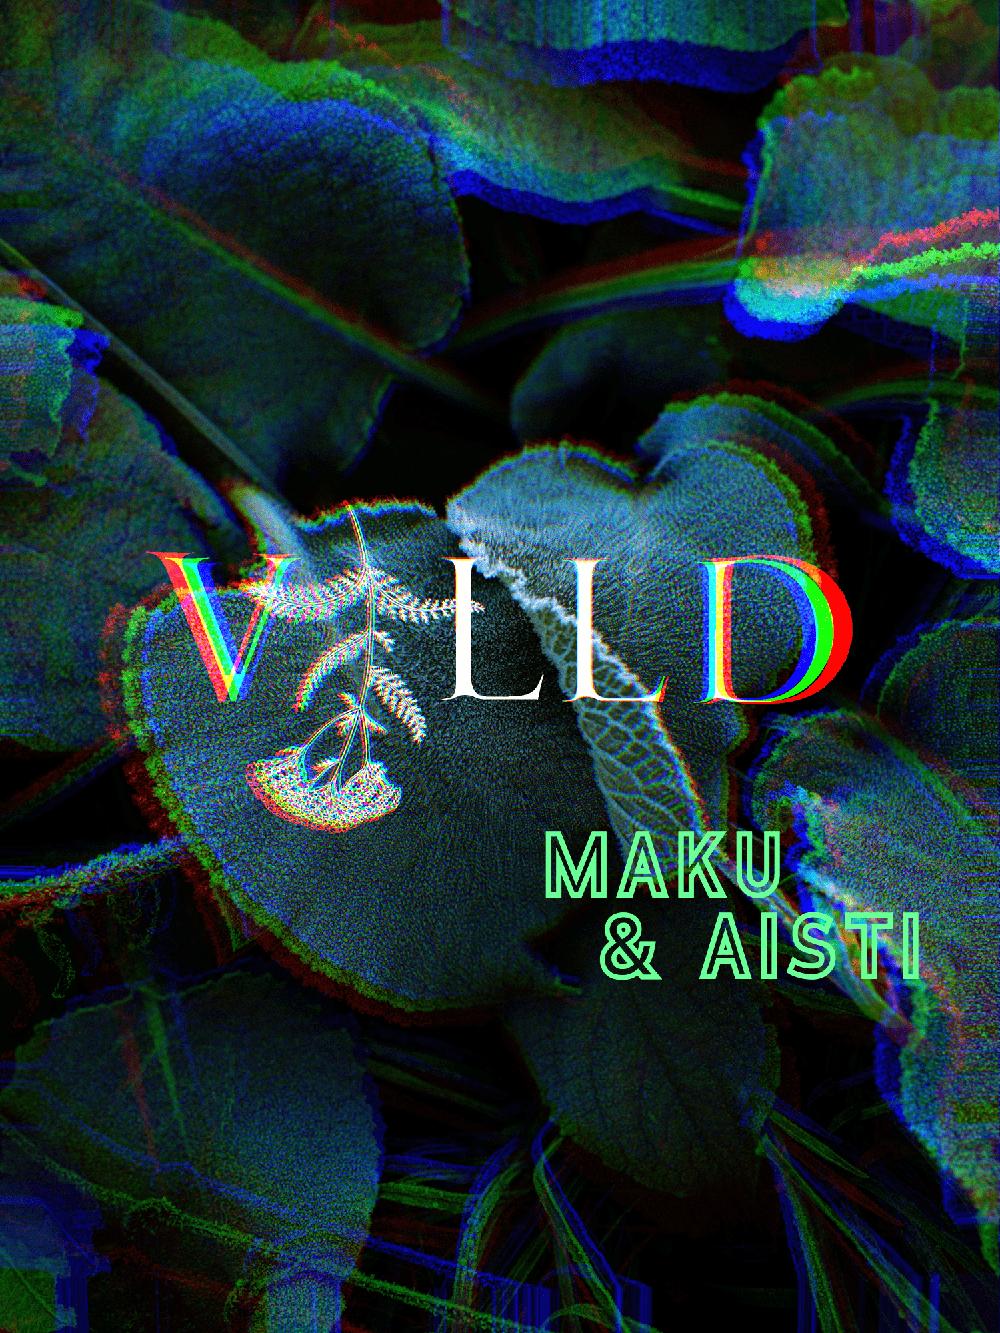 VILLD – MAKU & AISTI